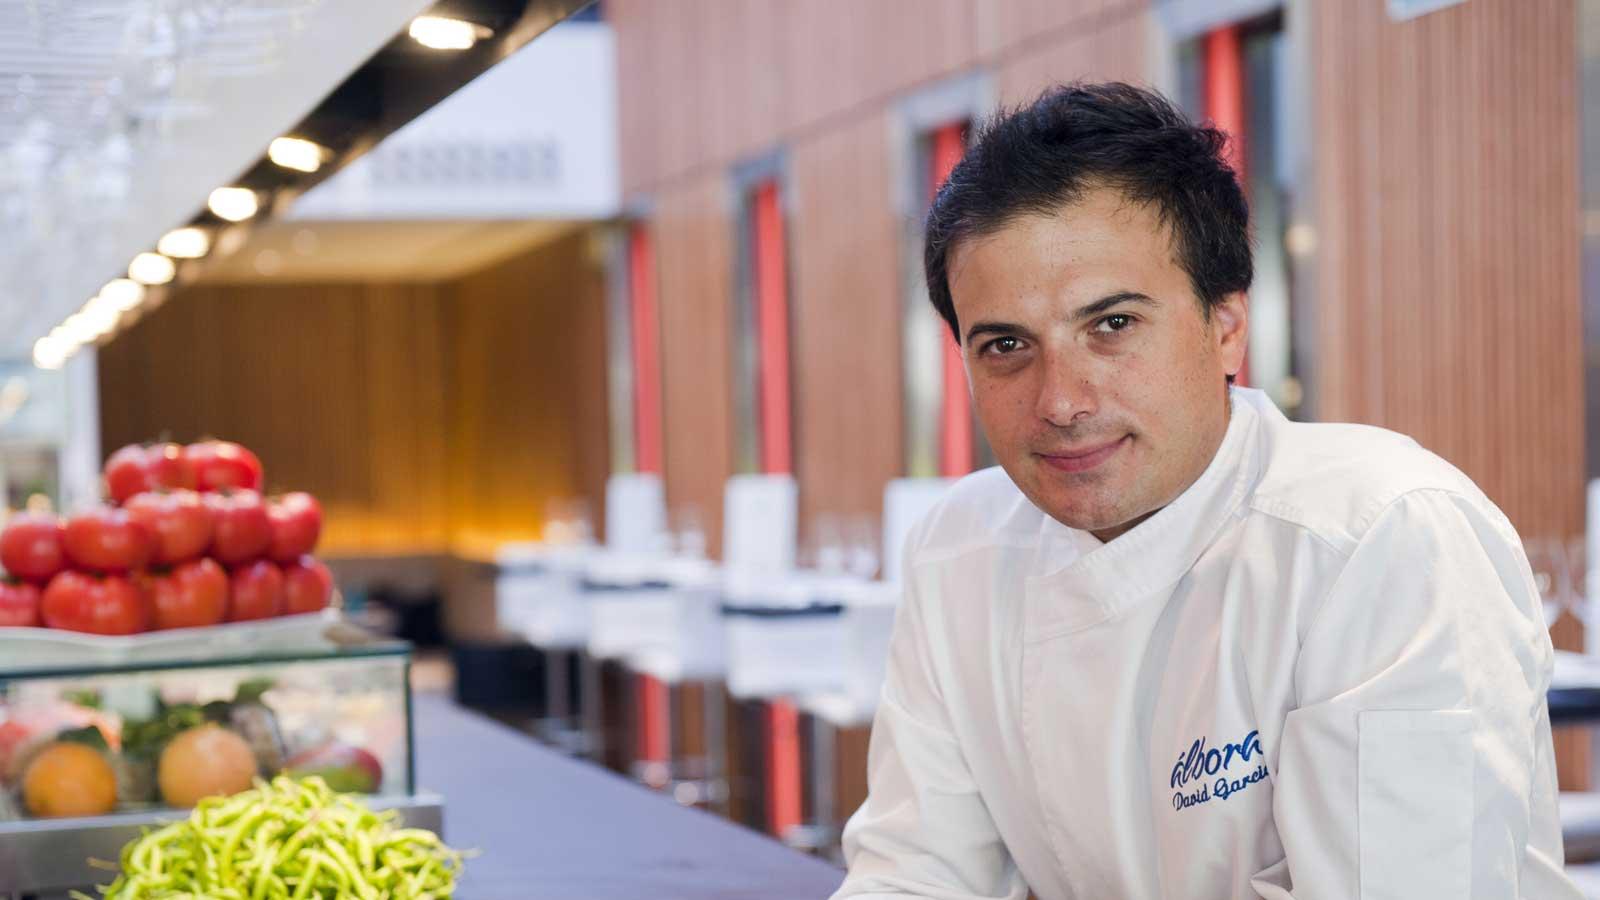 David garc a cocineros canal cocina for Cocineros de canal cocina